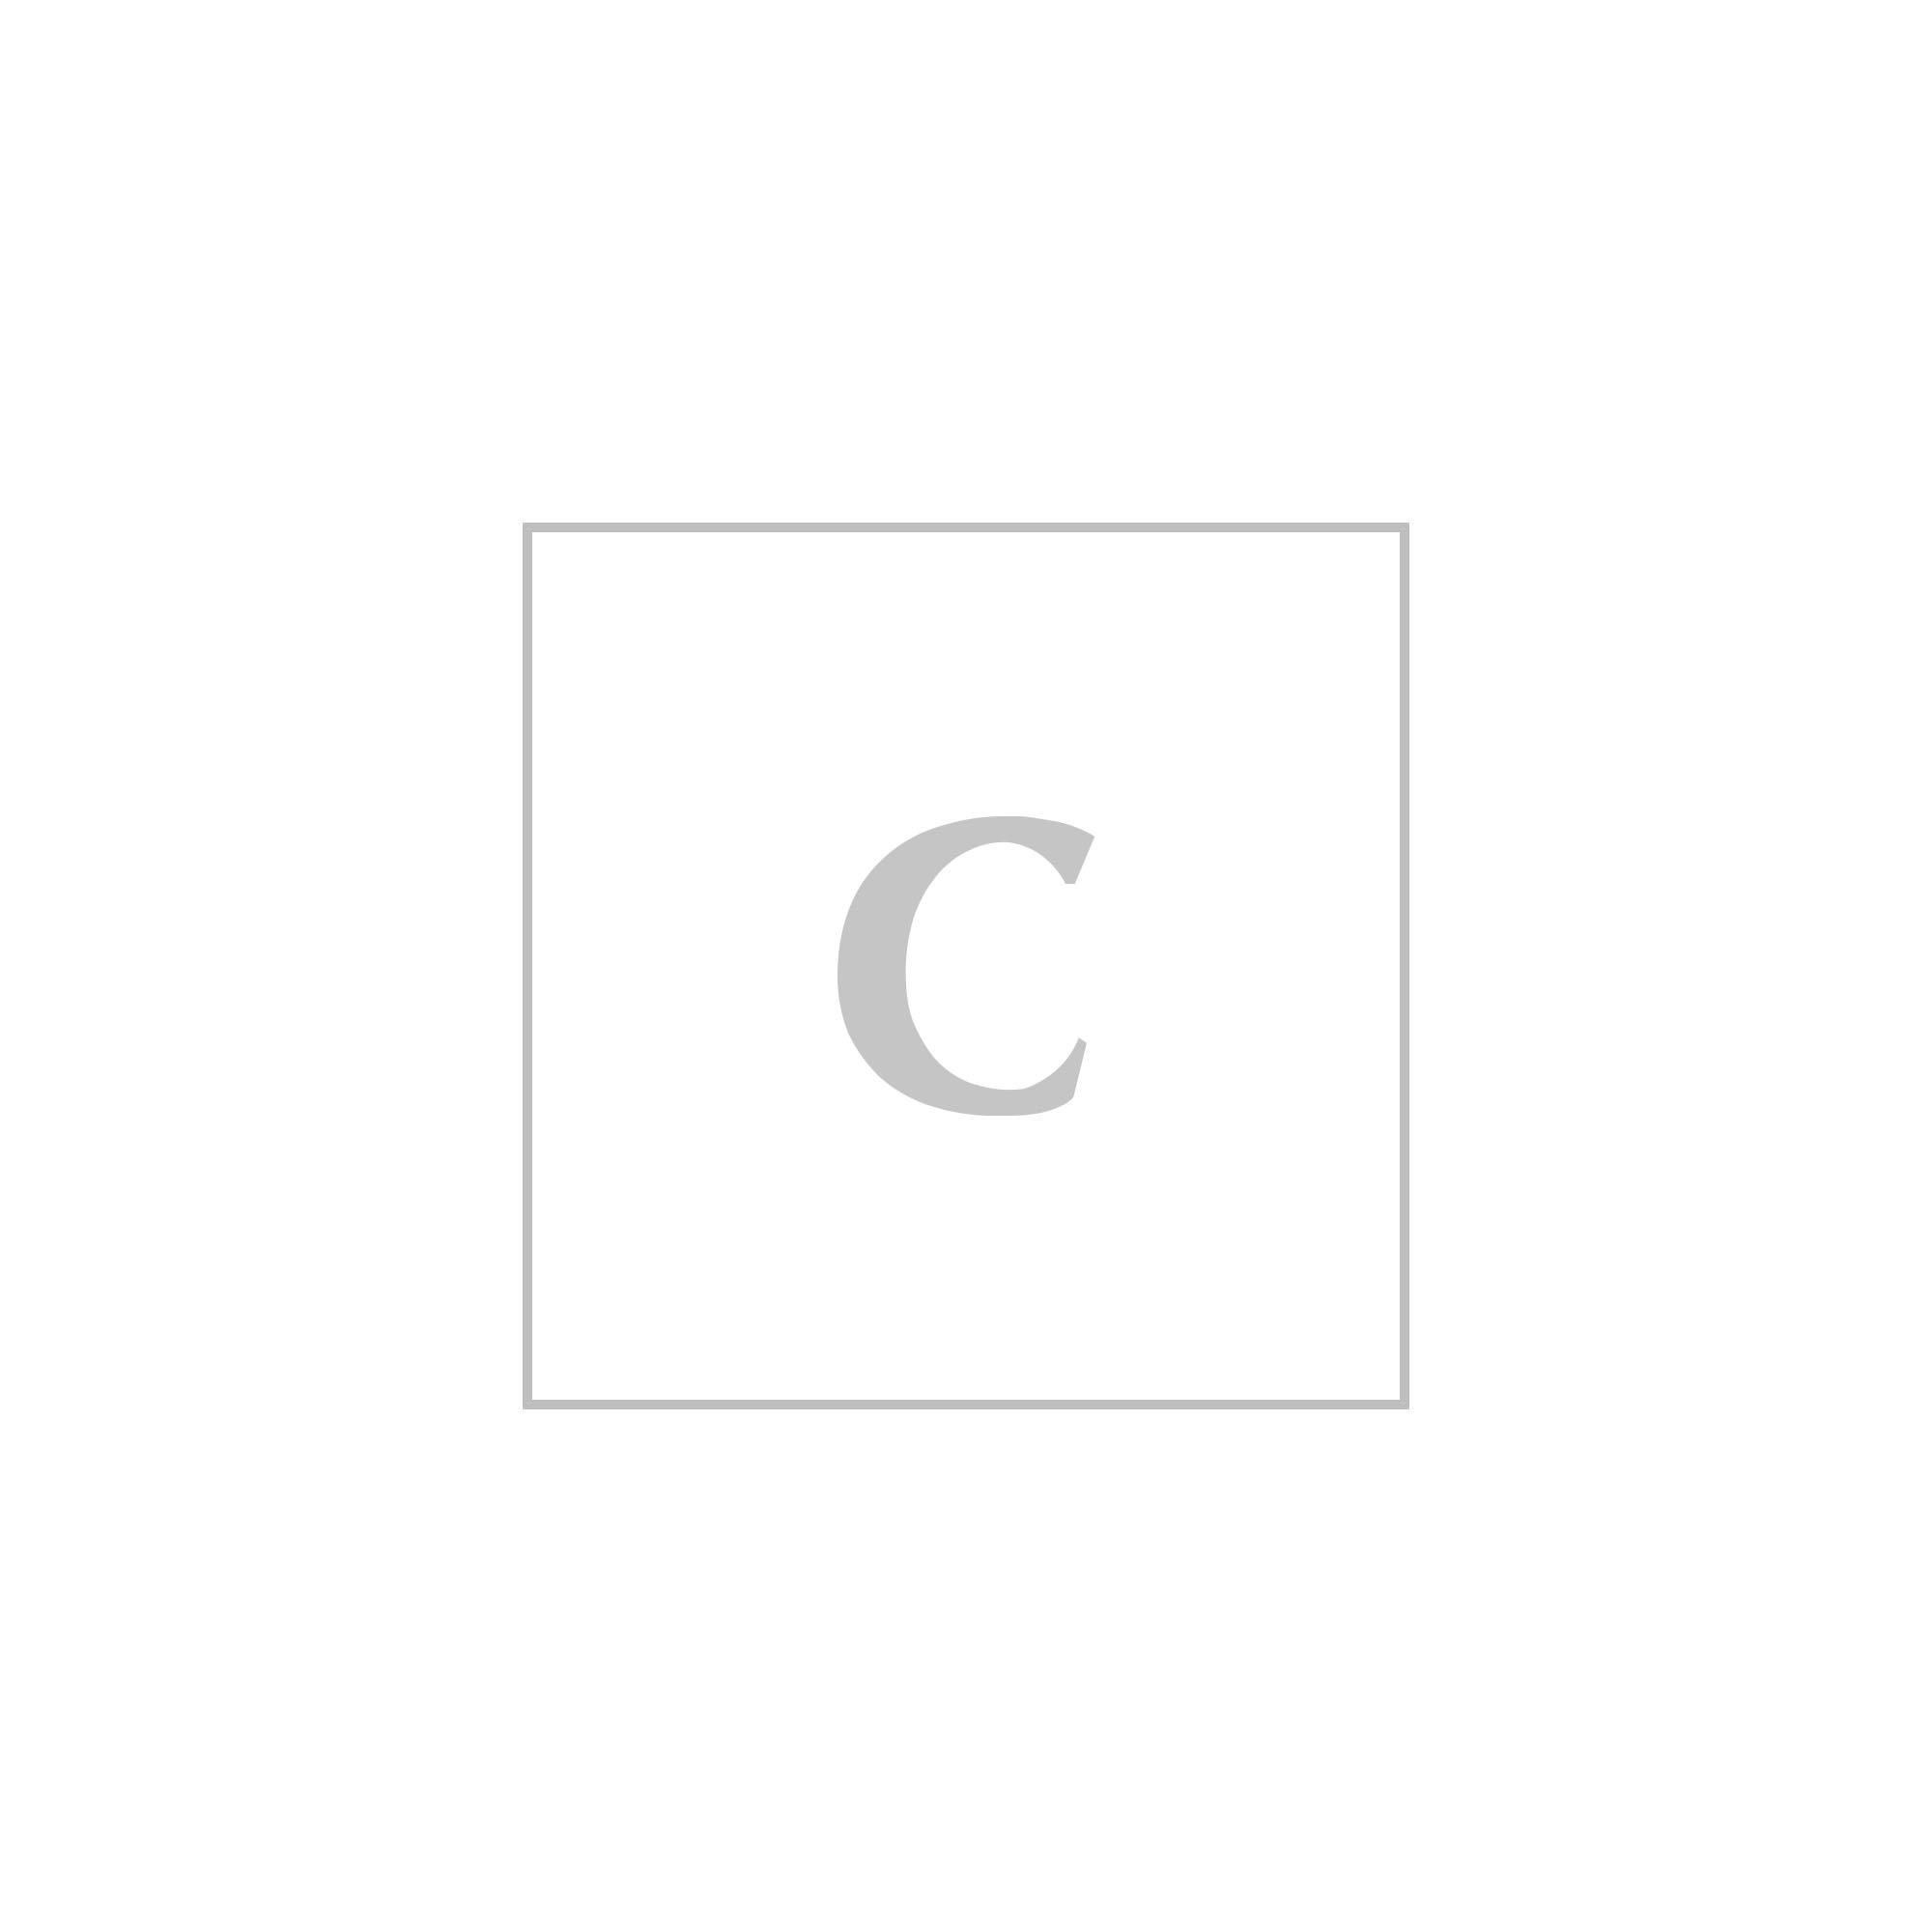 Saint laurent camicia crepe ibiscus glitter